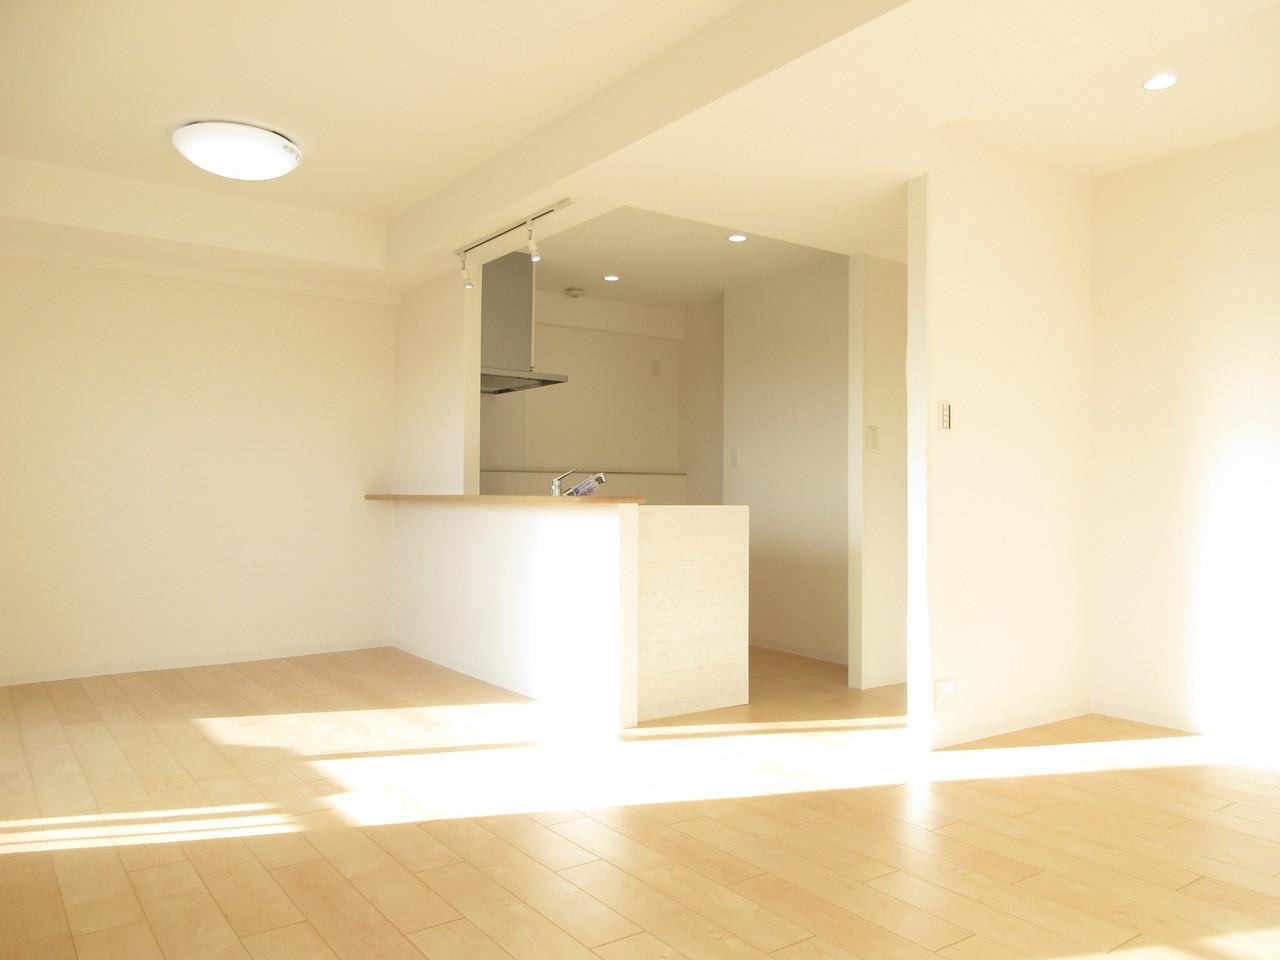 お洒落なLDKは対面式キッチンで開放的な空間に♪お料理の際もご家族との時間を大切にできます◎